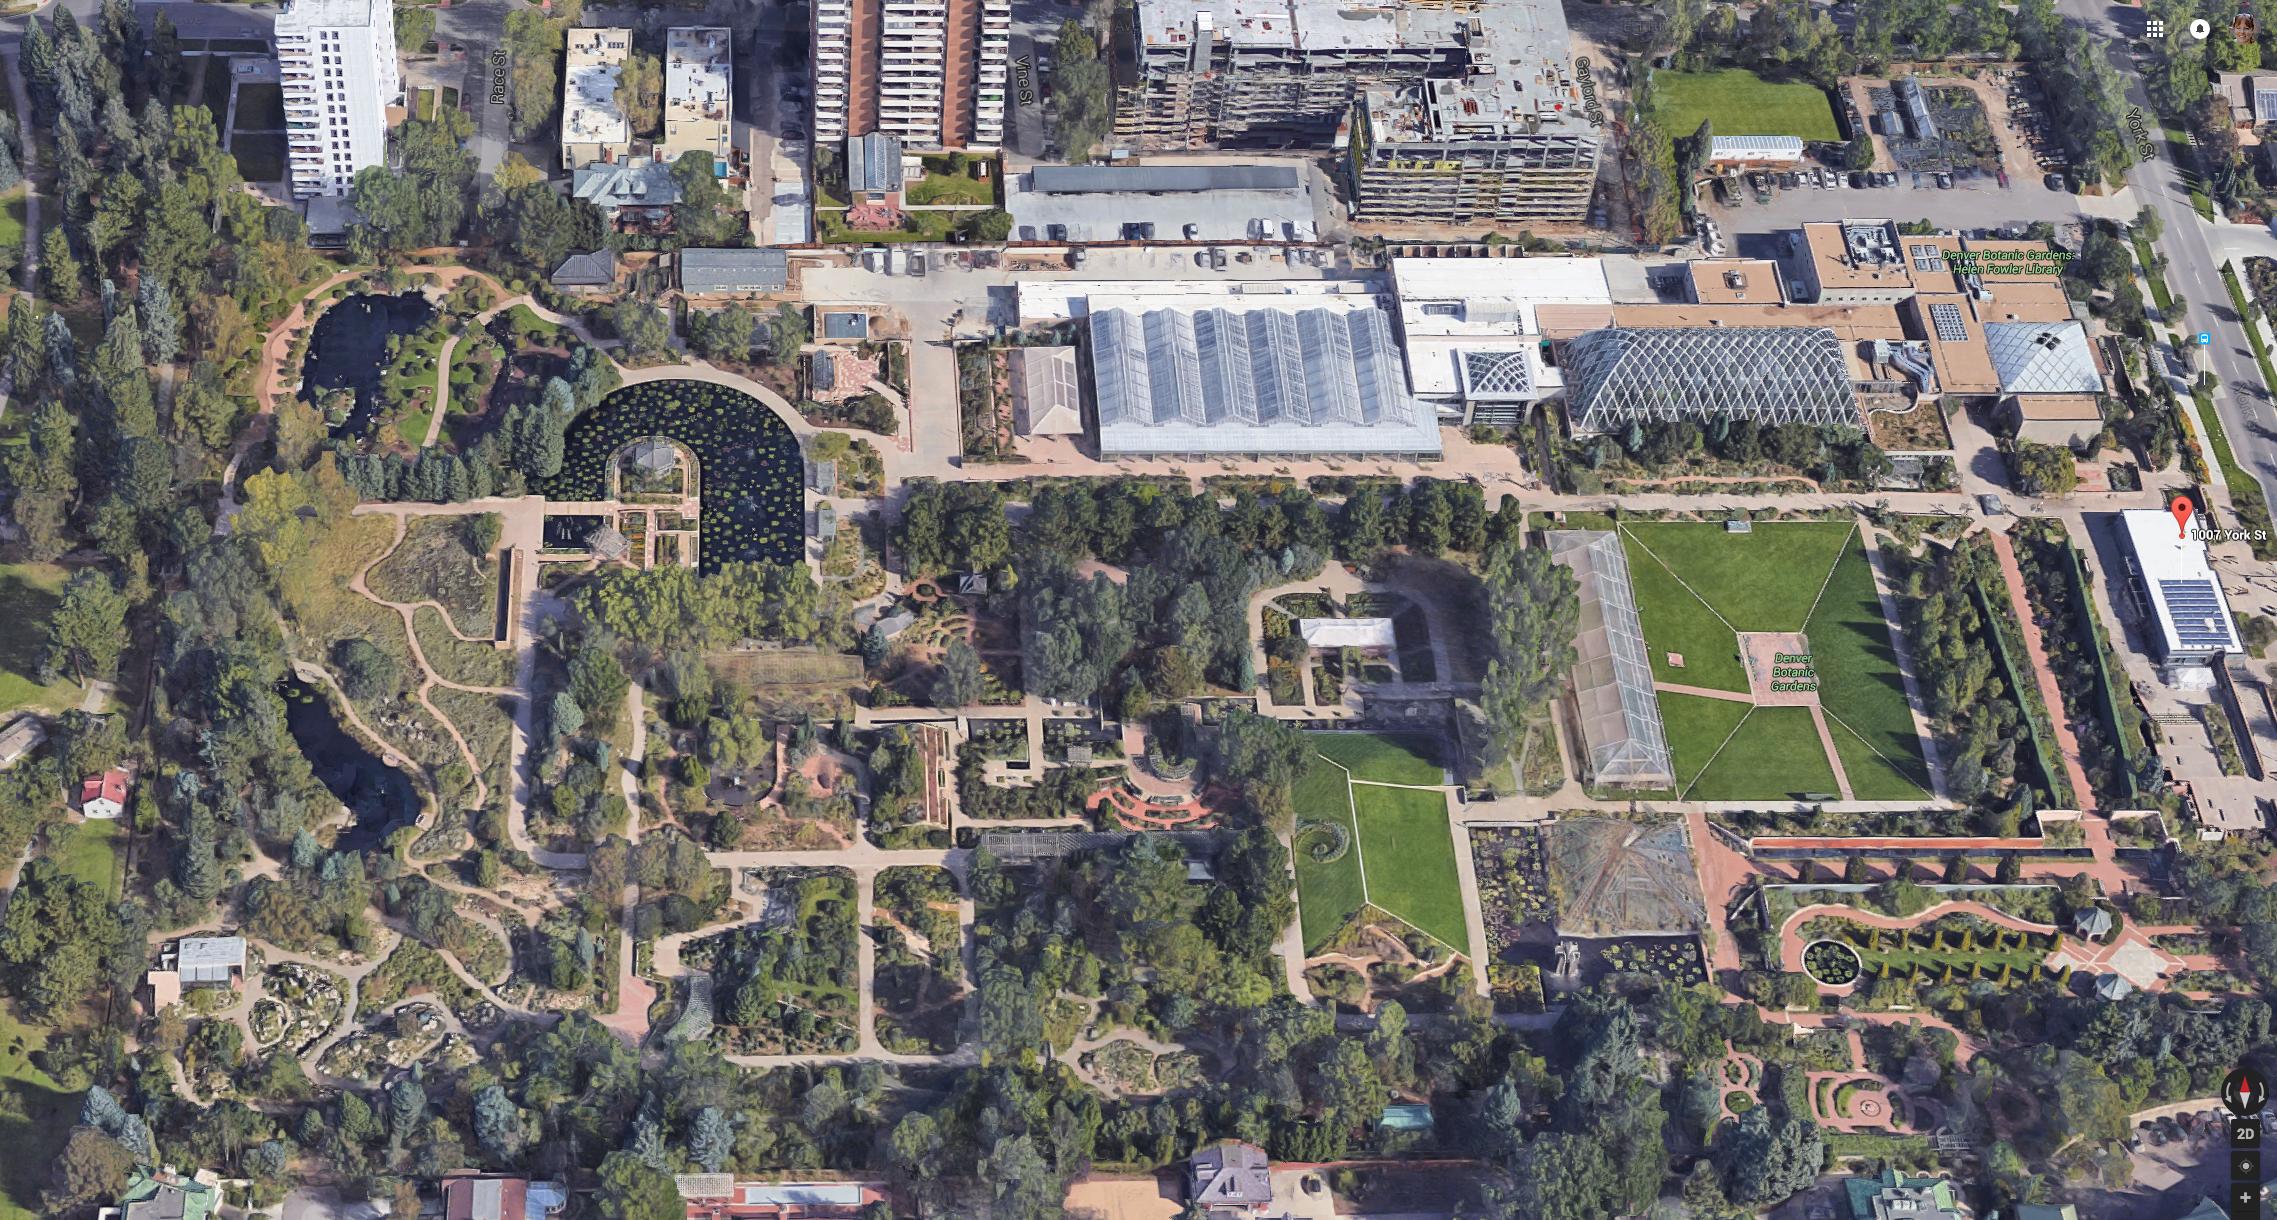 Aerial View of the Denver Botanic Gardens